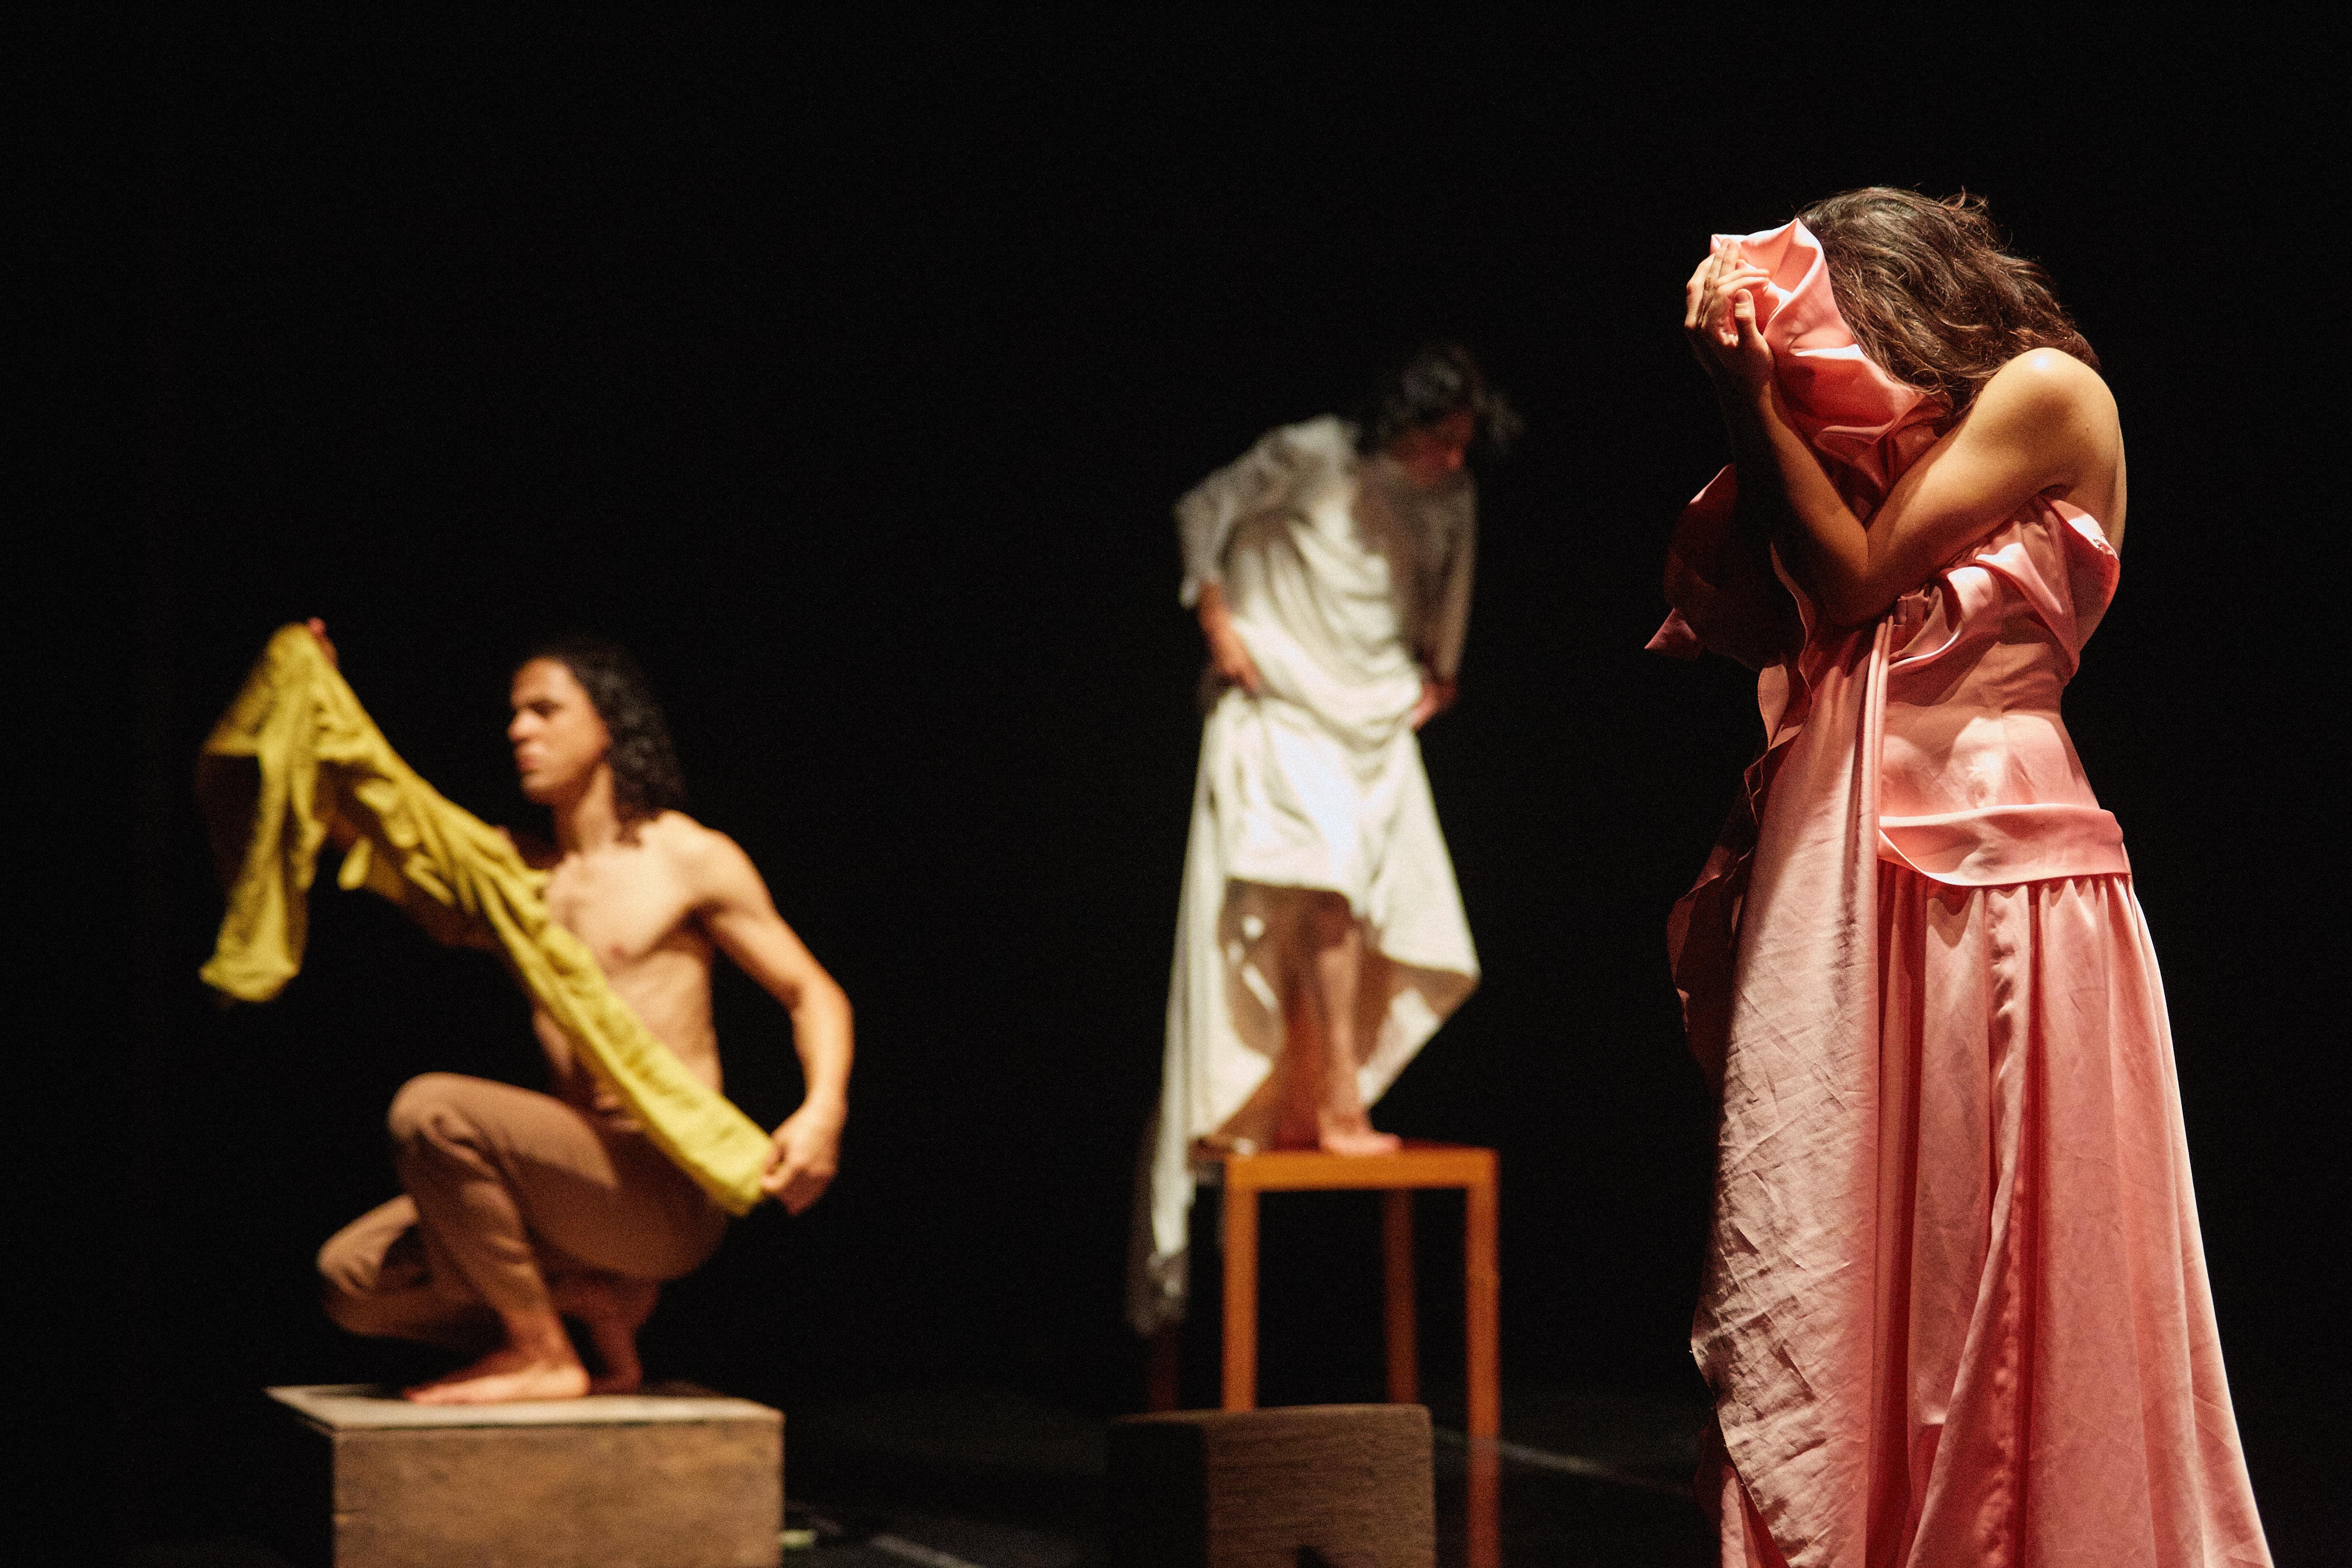 Espetáculo A Beleza tem 3 Mamilos, com Cia. Artesãos do Corpo. Galeria Olido, 24/08/2019. Fotos: Murillo Medina / Fábio Pazzini Fotografia.  +5511/999-451-695  http://www.murillomedina.com.br